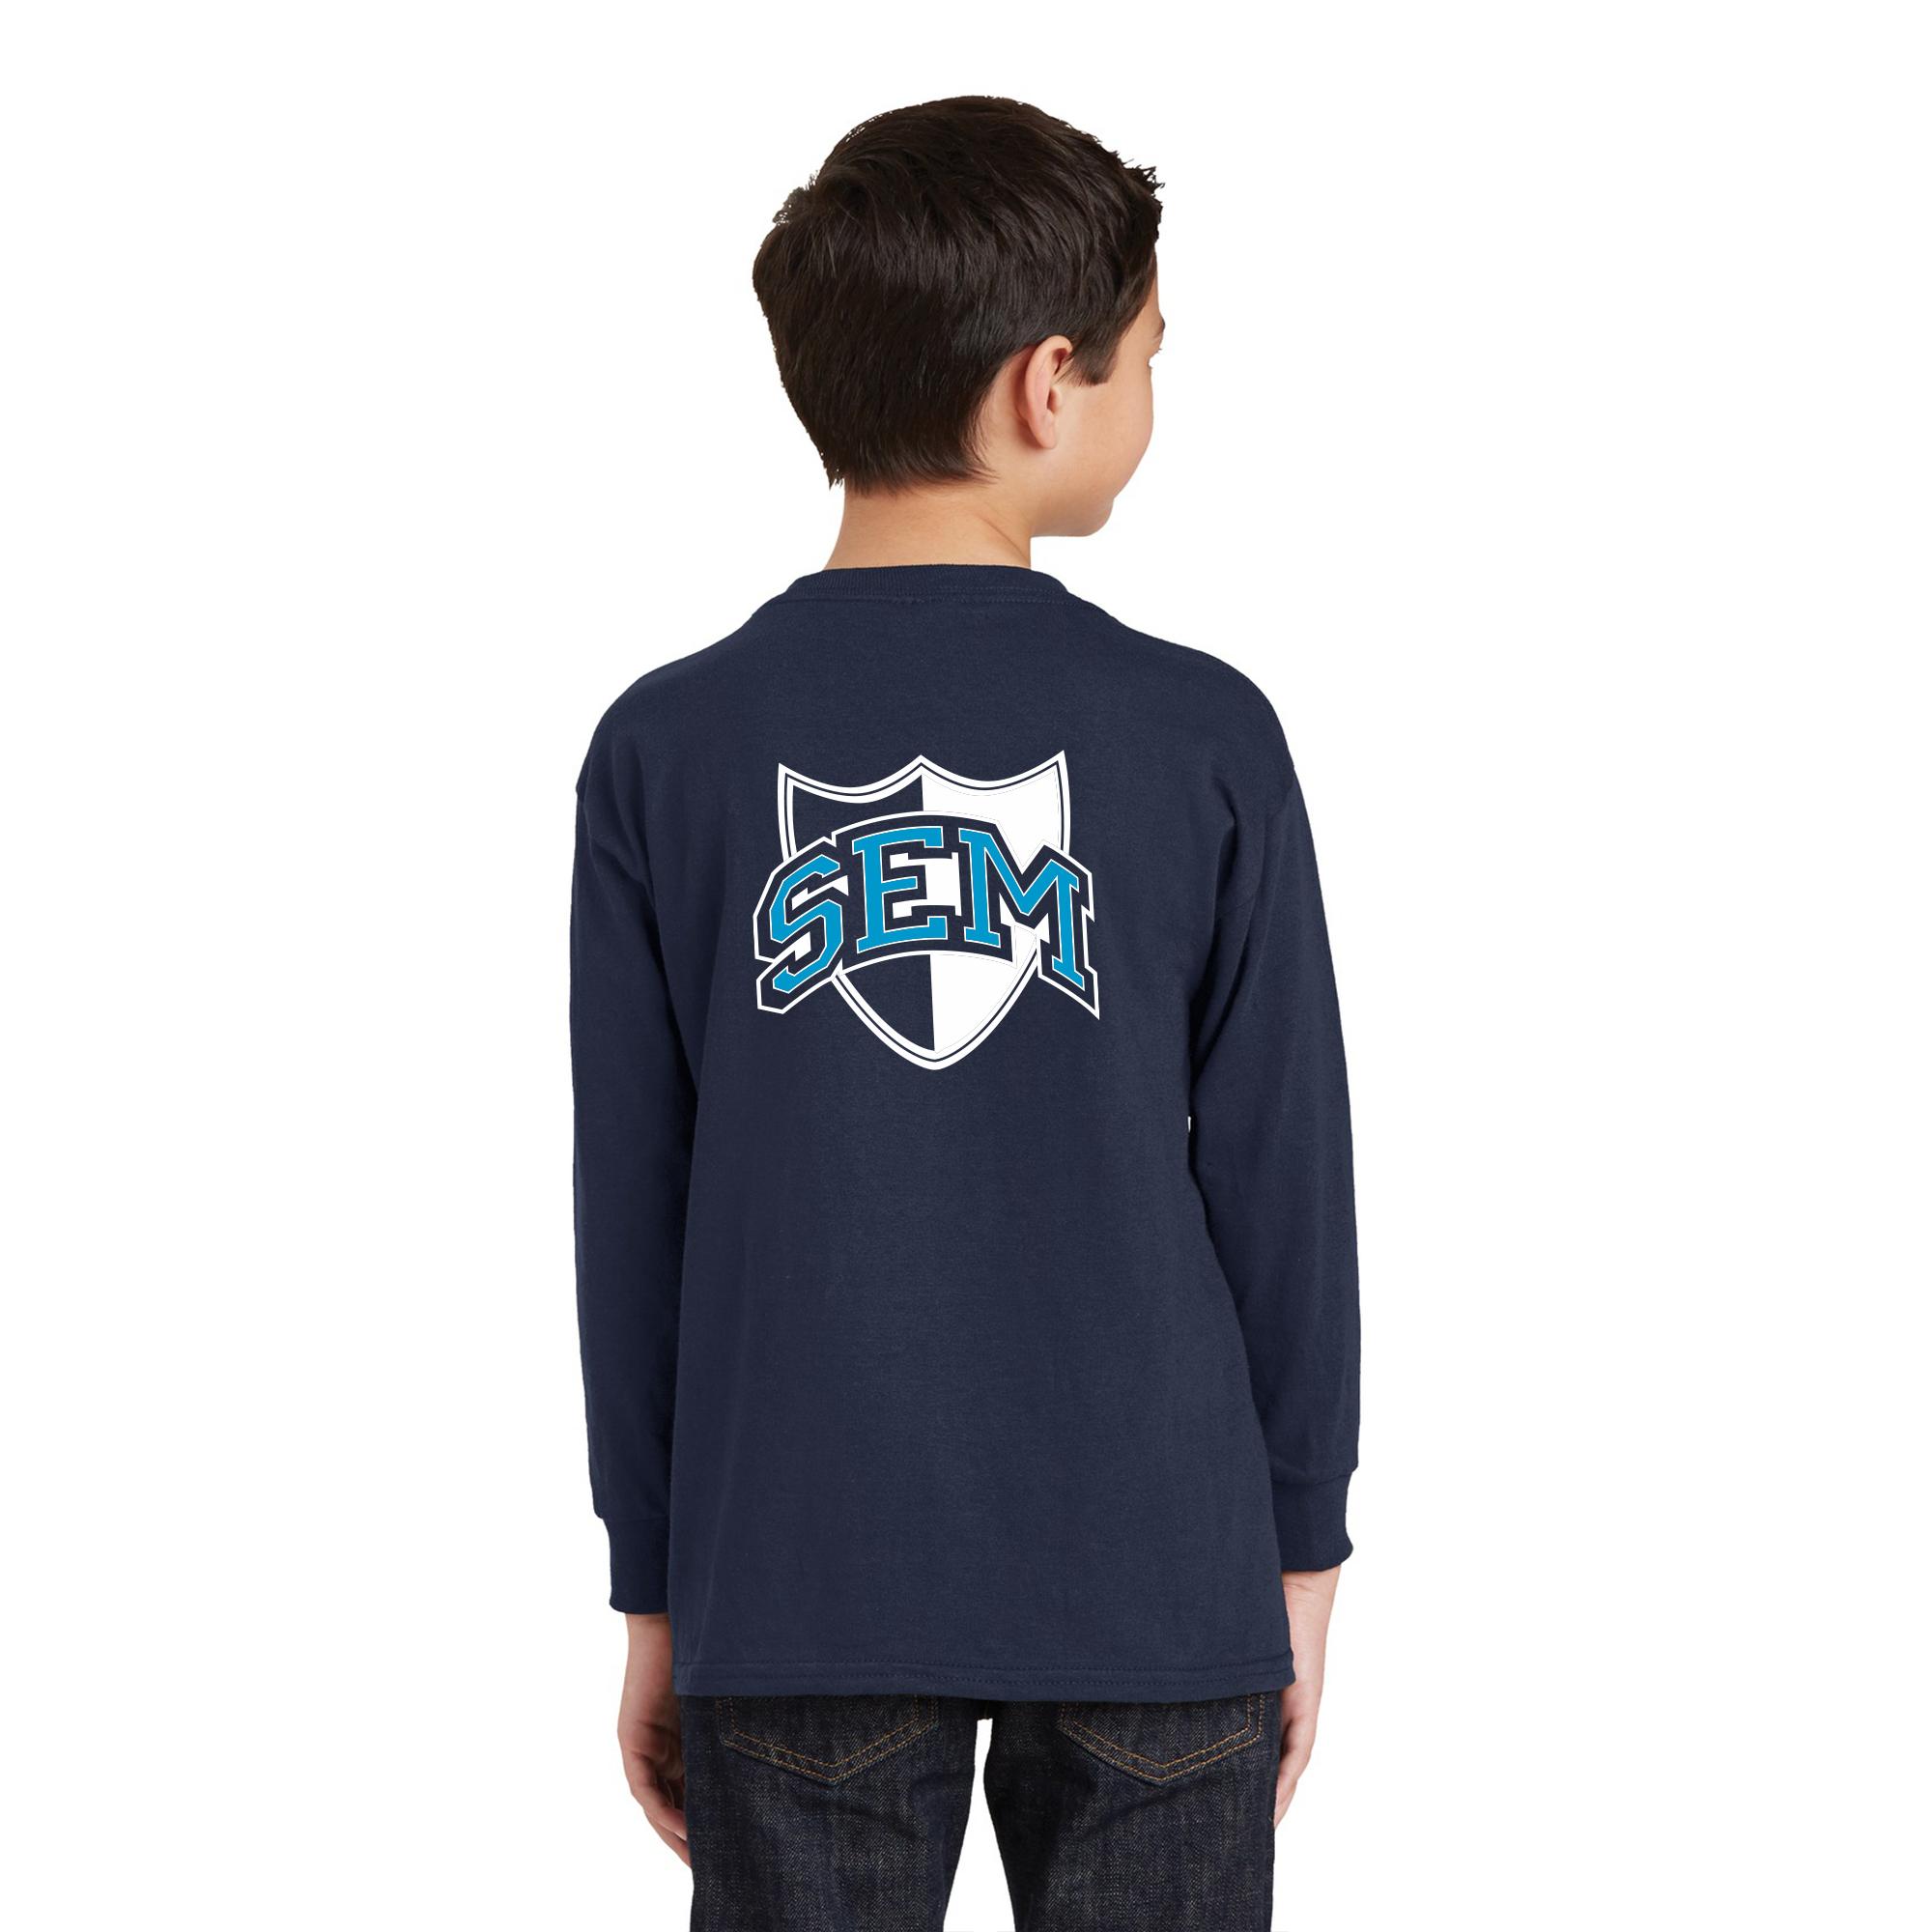 d4636201e Wyoming Seminary Navy Youth Heavy Cotton 100% Cotton Long Sleeve T-Shirt